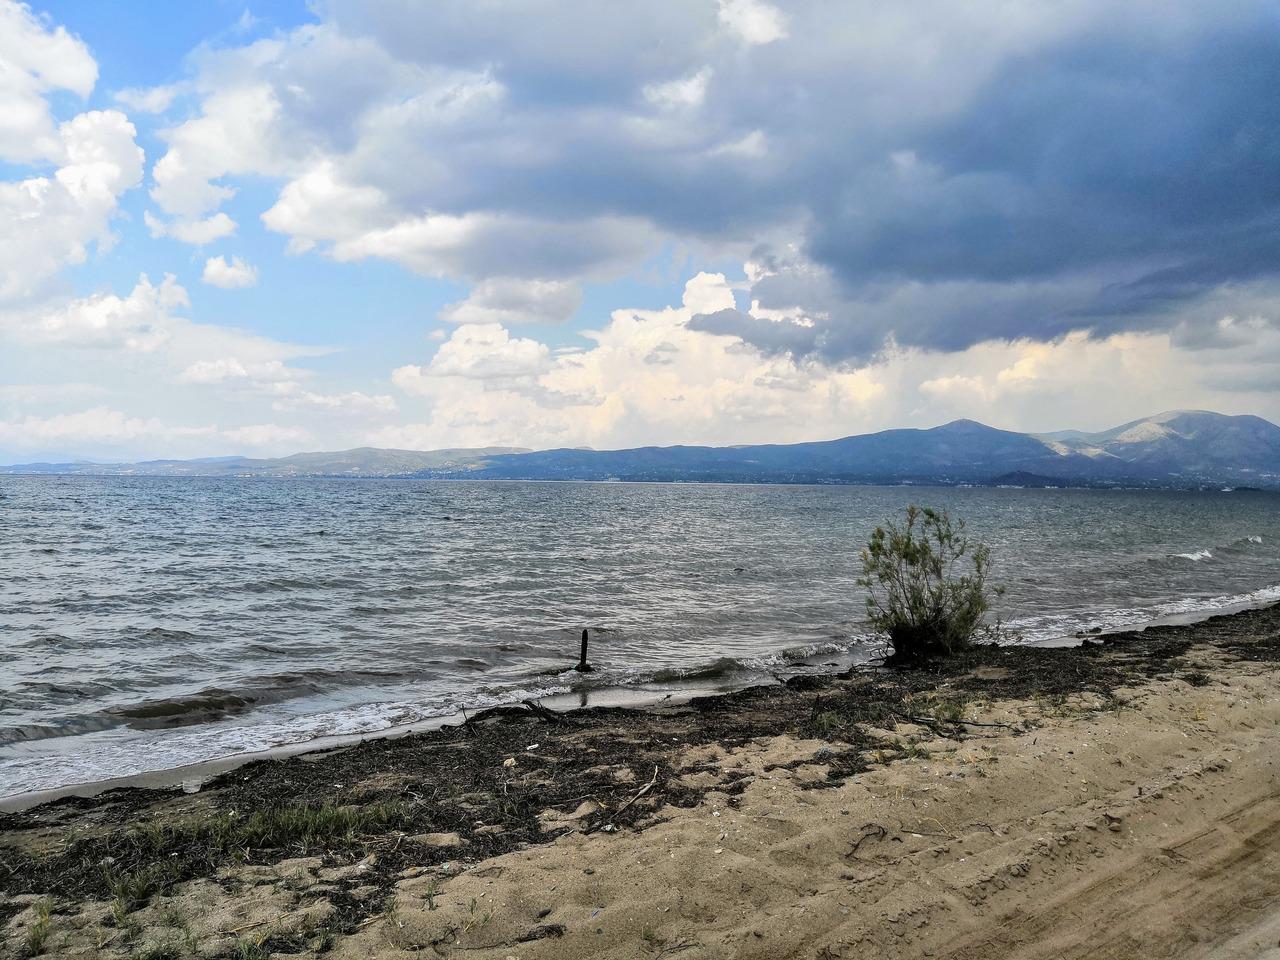 Seaside cloudy beach view